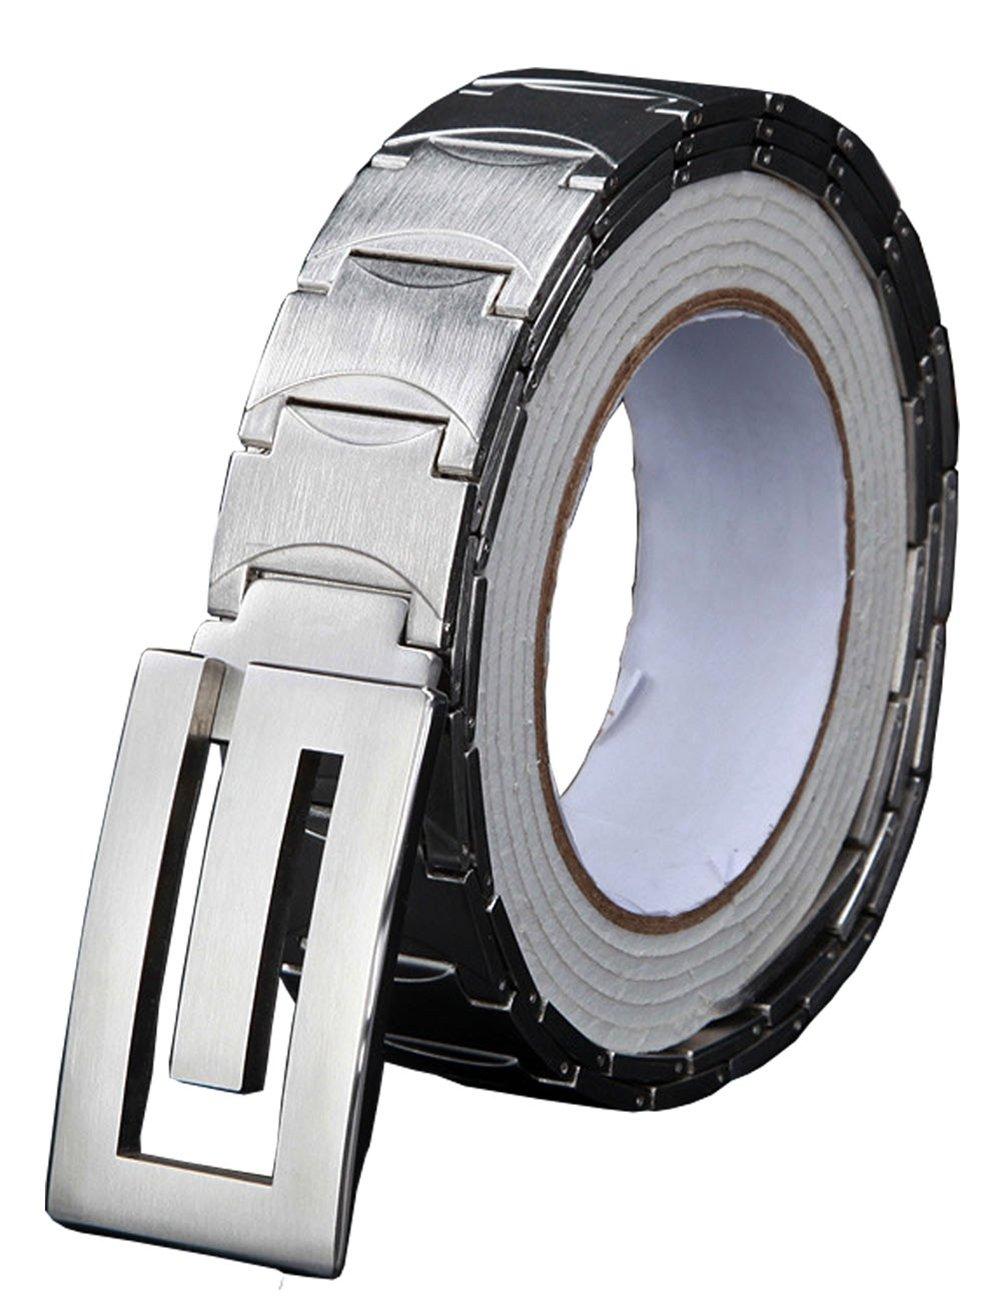 Menschwear Men's Stainless Steel Belt Slide Buckle Adjustable 32mm 159 Silver 110cm by Menschwear